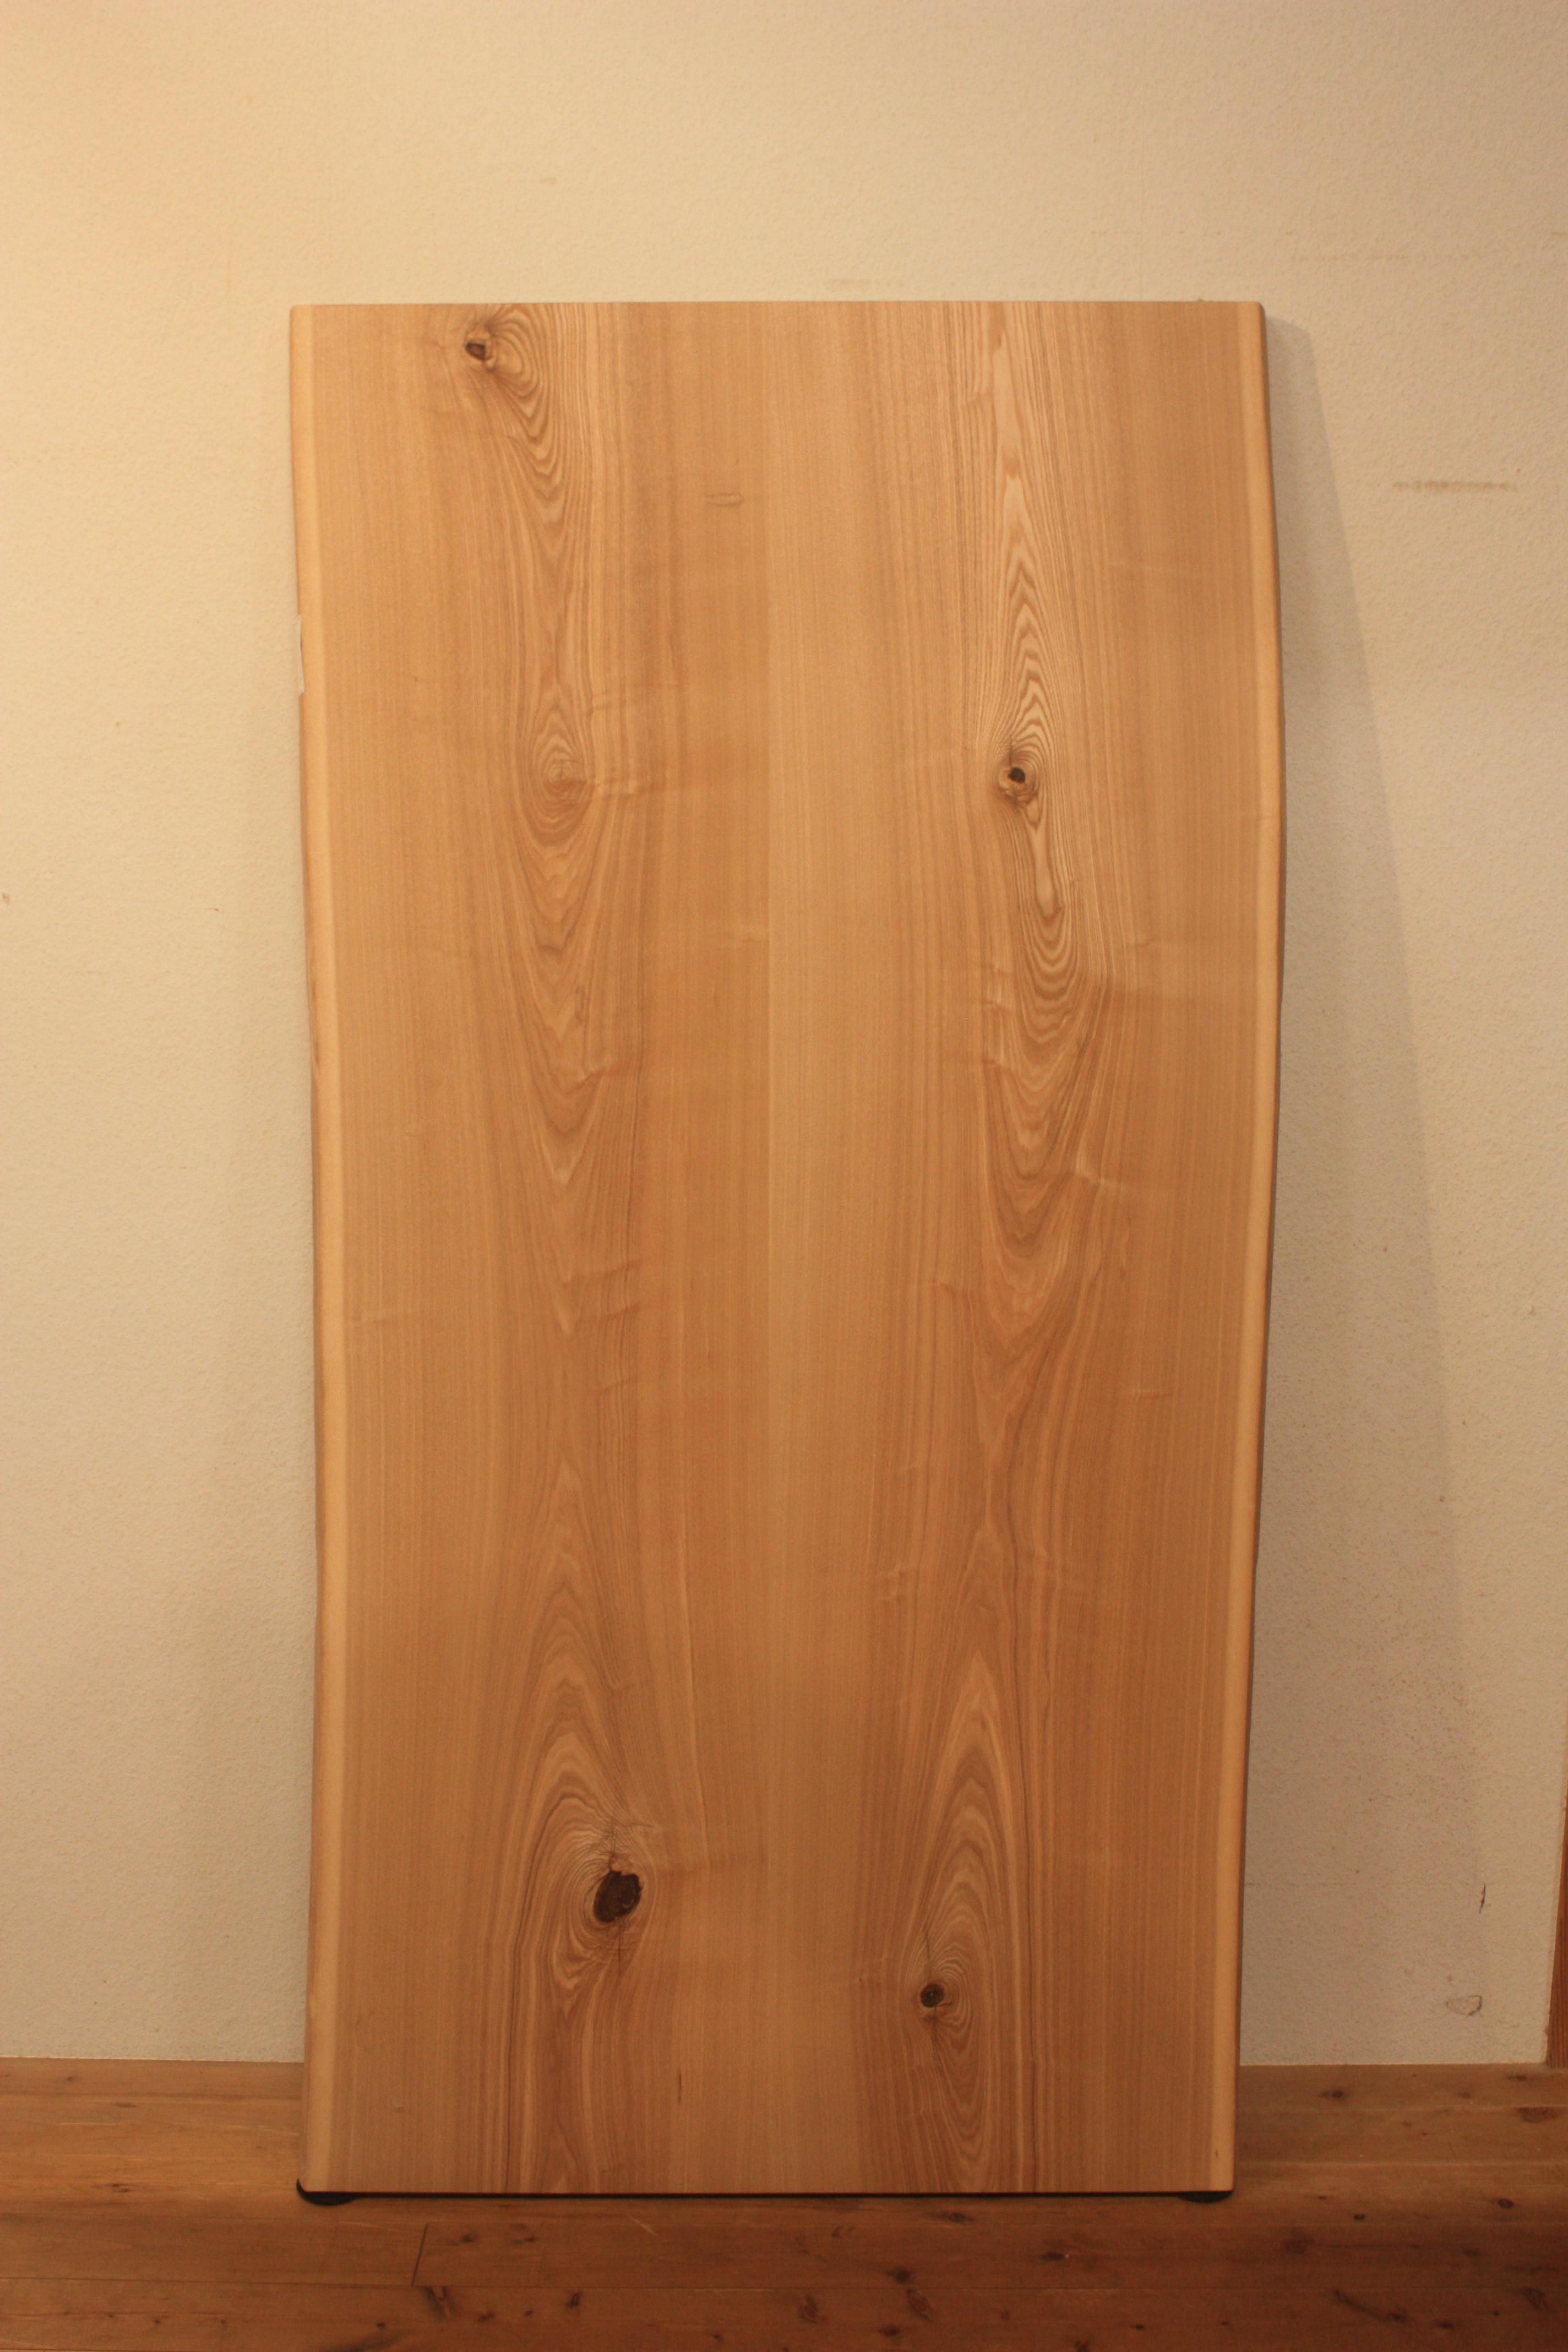 タモ幅ハギ板ts-05